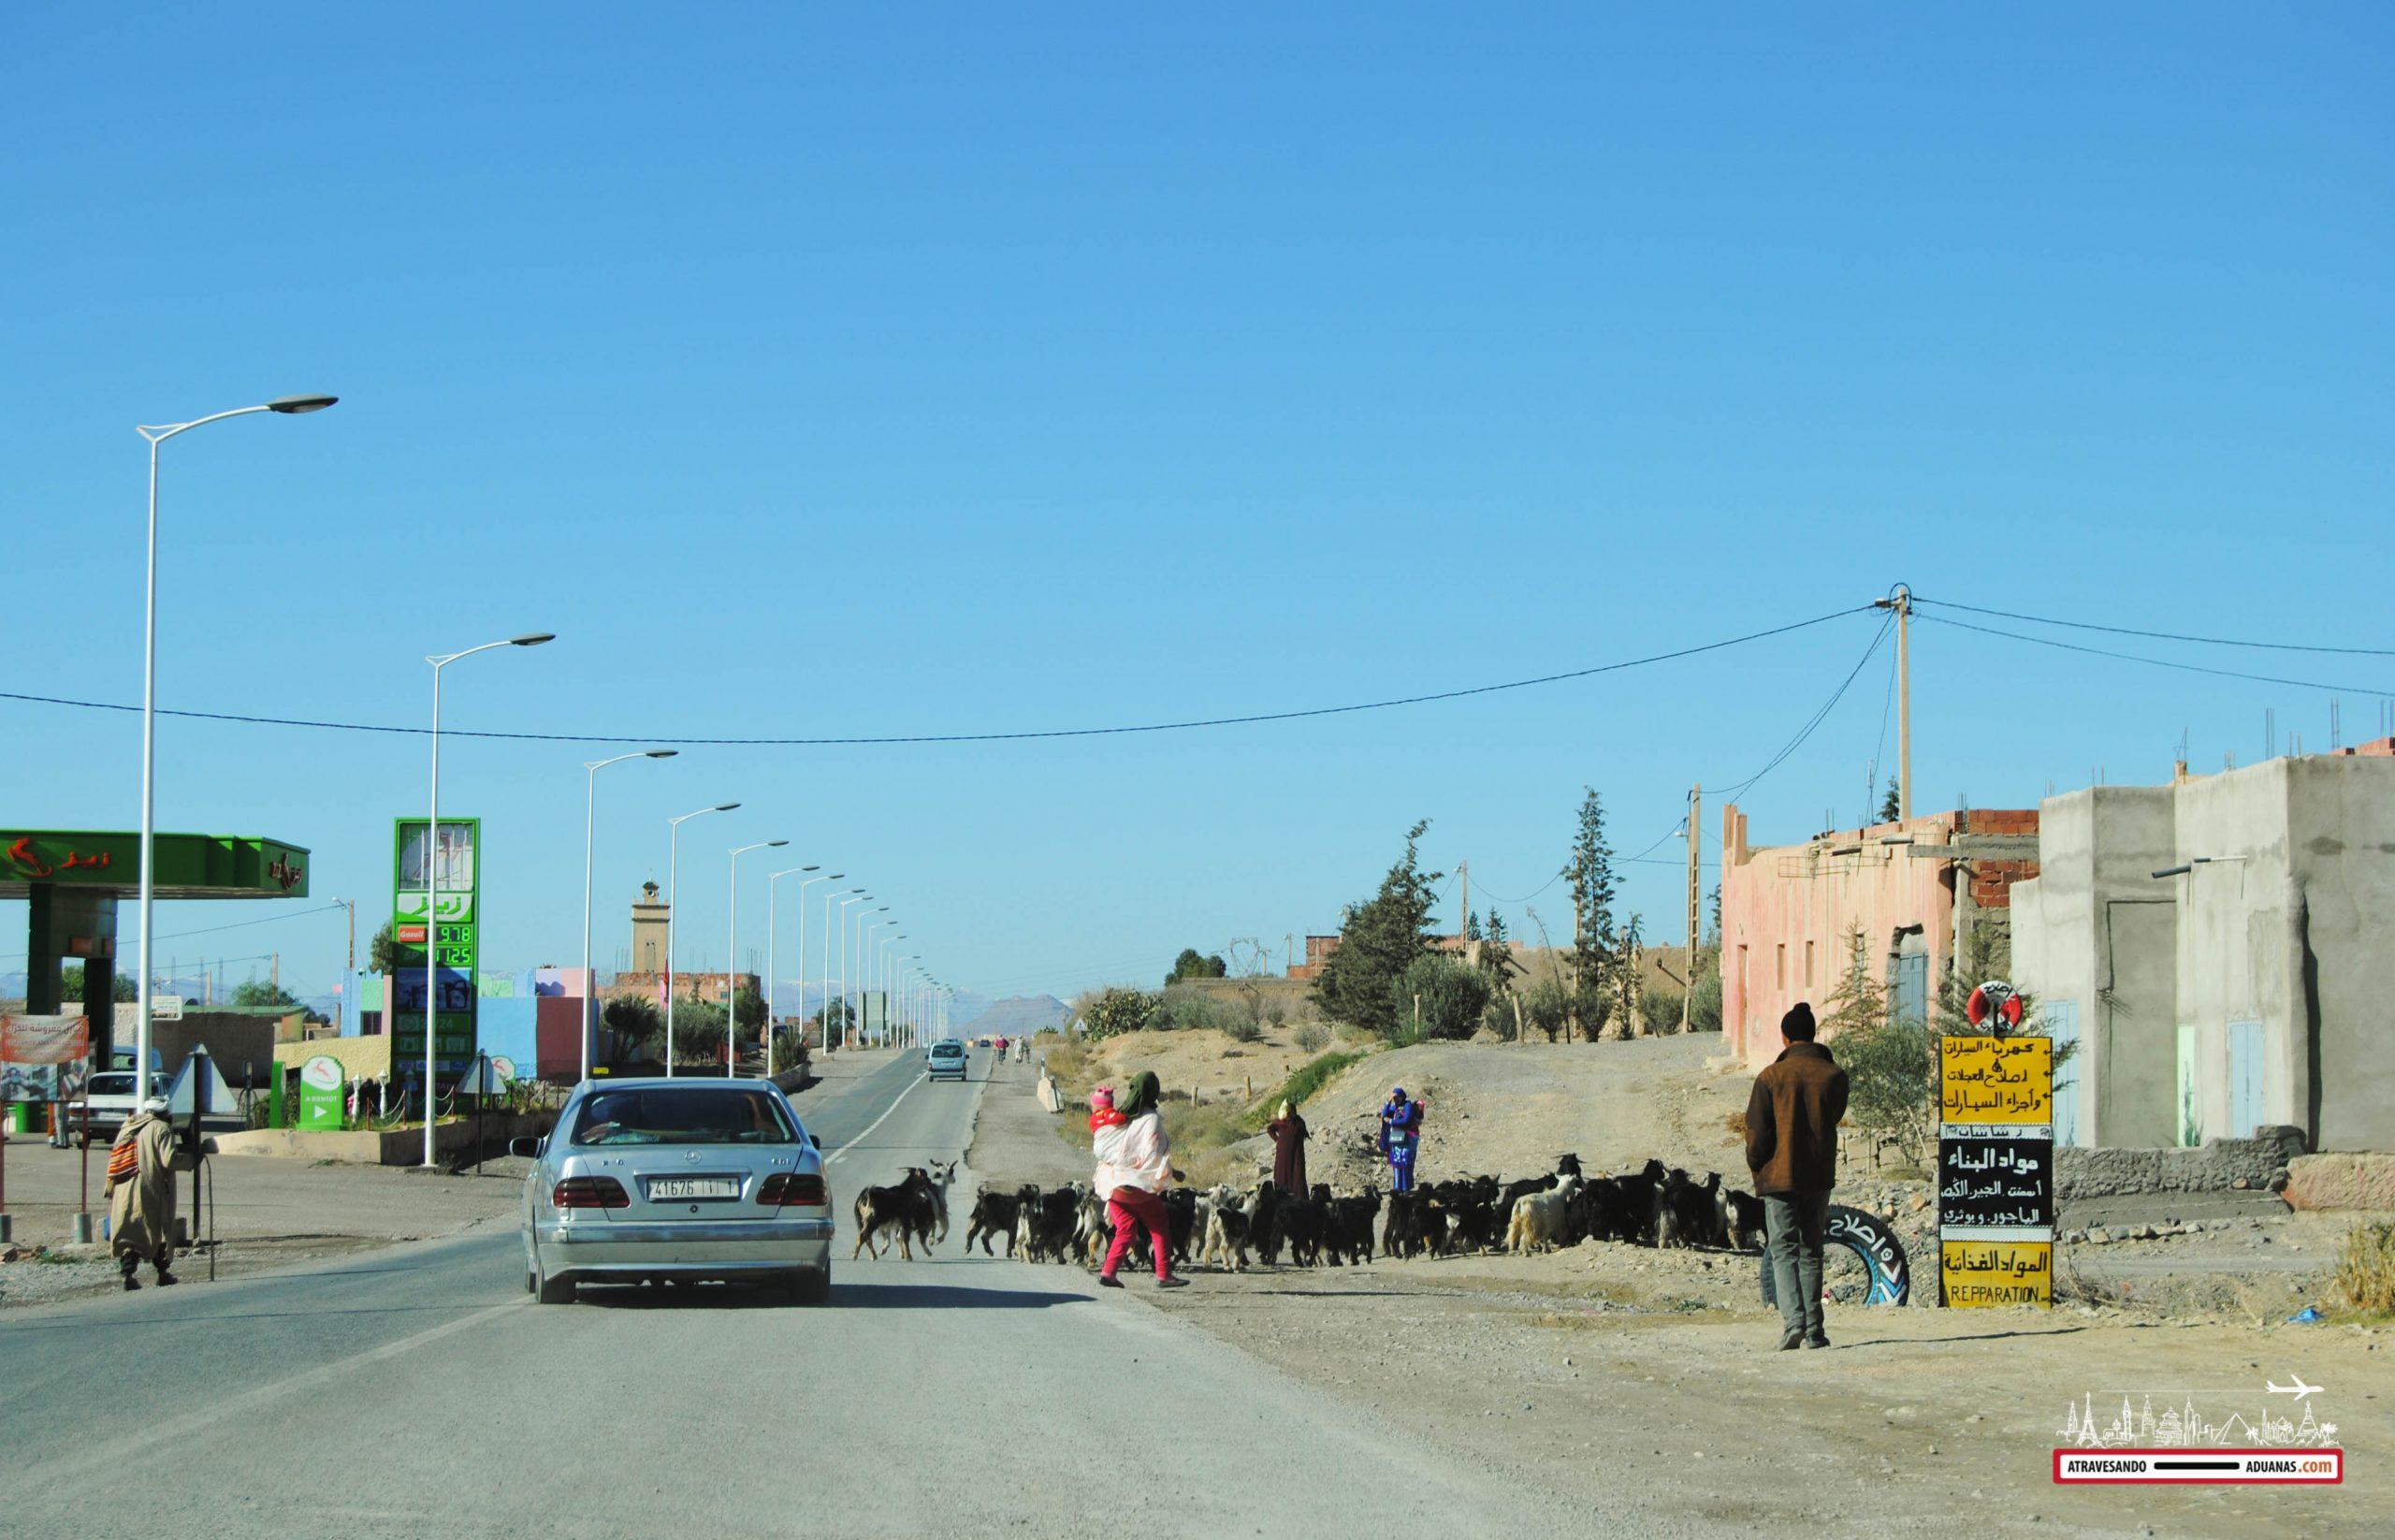 animales cruzando la carretera en Marruecos